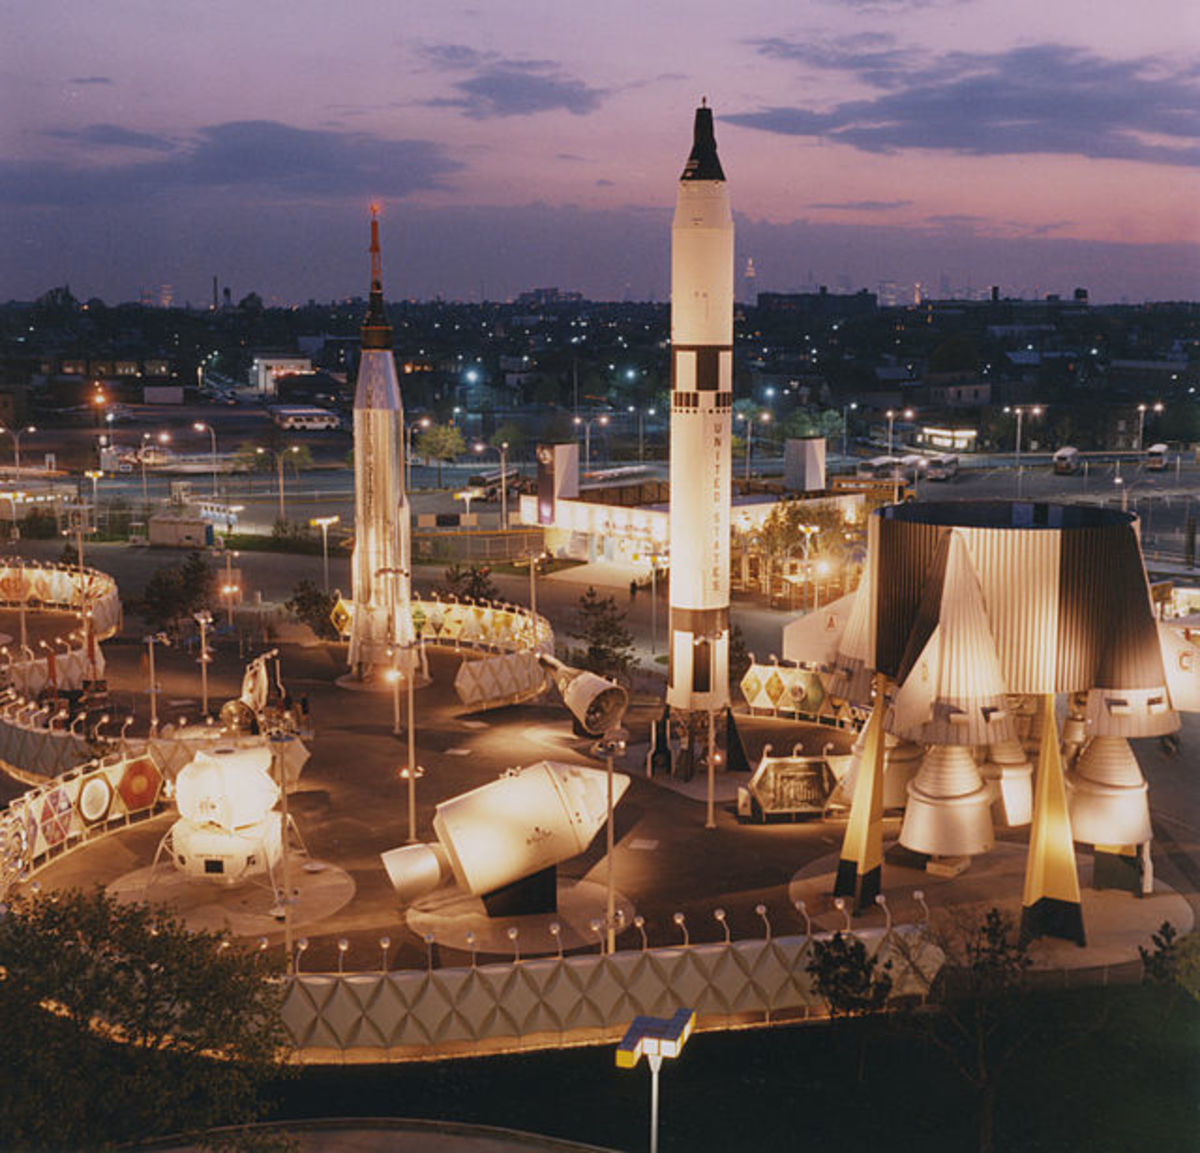 NASA Space Park, 1964 World's Fair